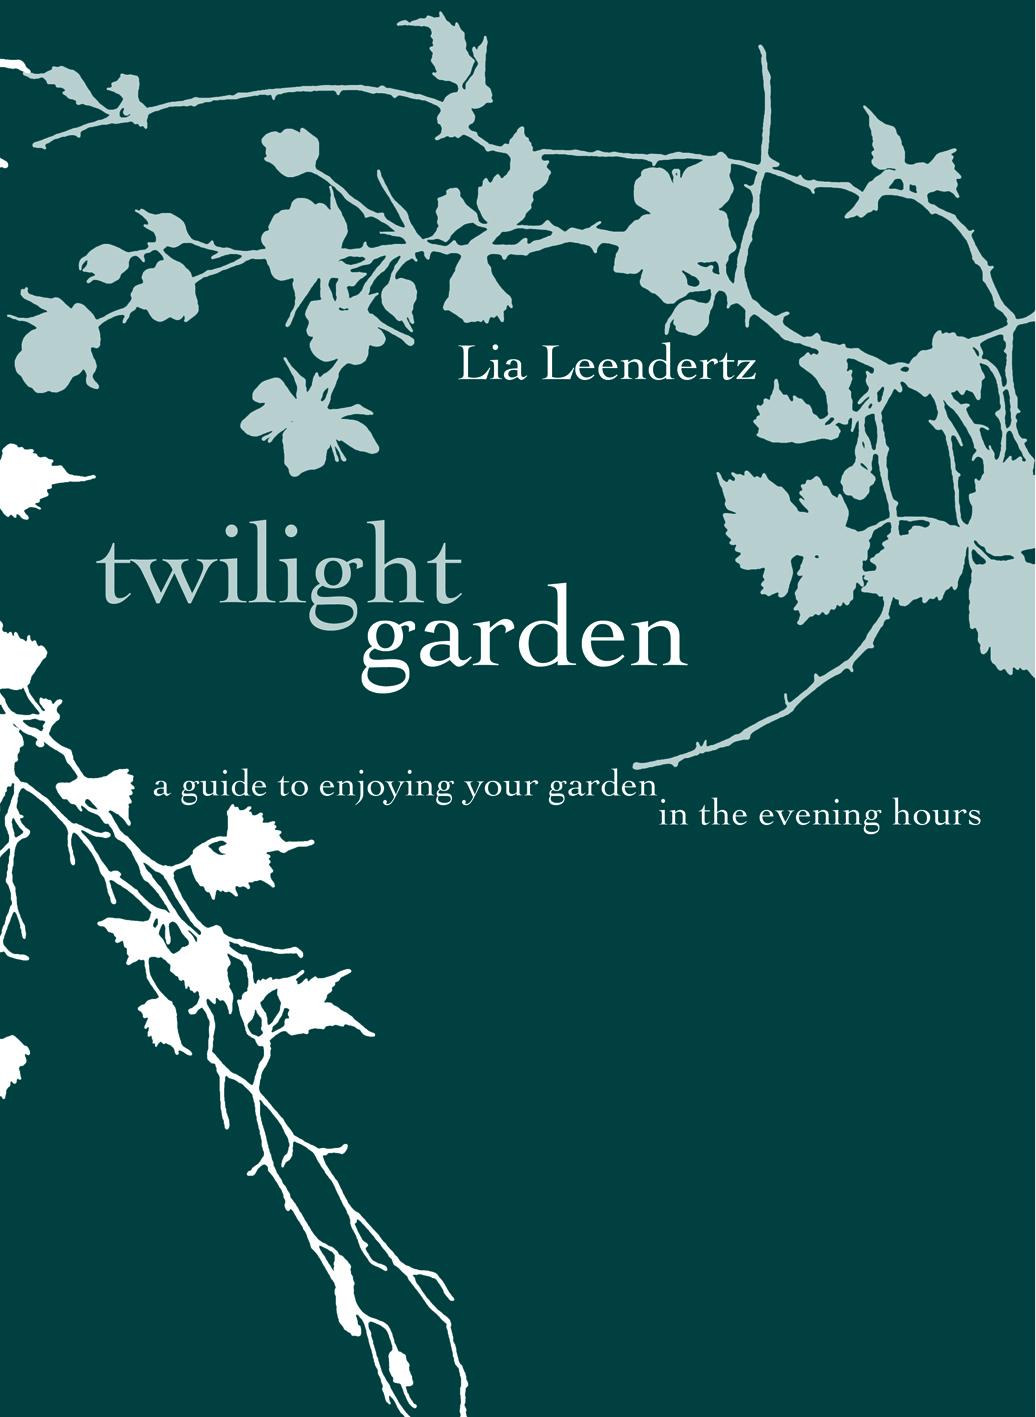 Twilight Garden by Lia Leendertz